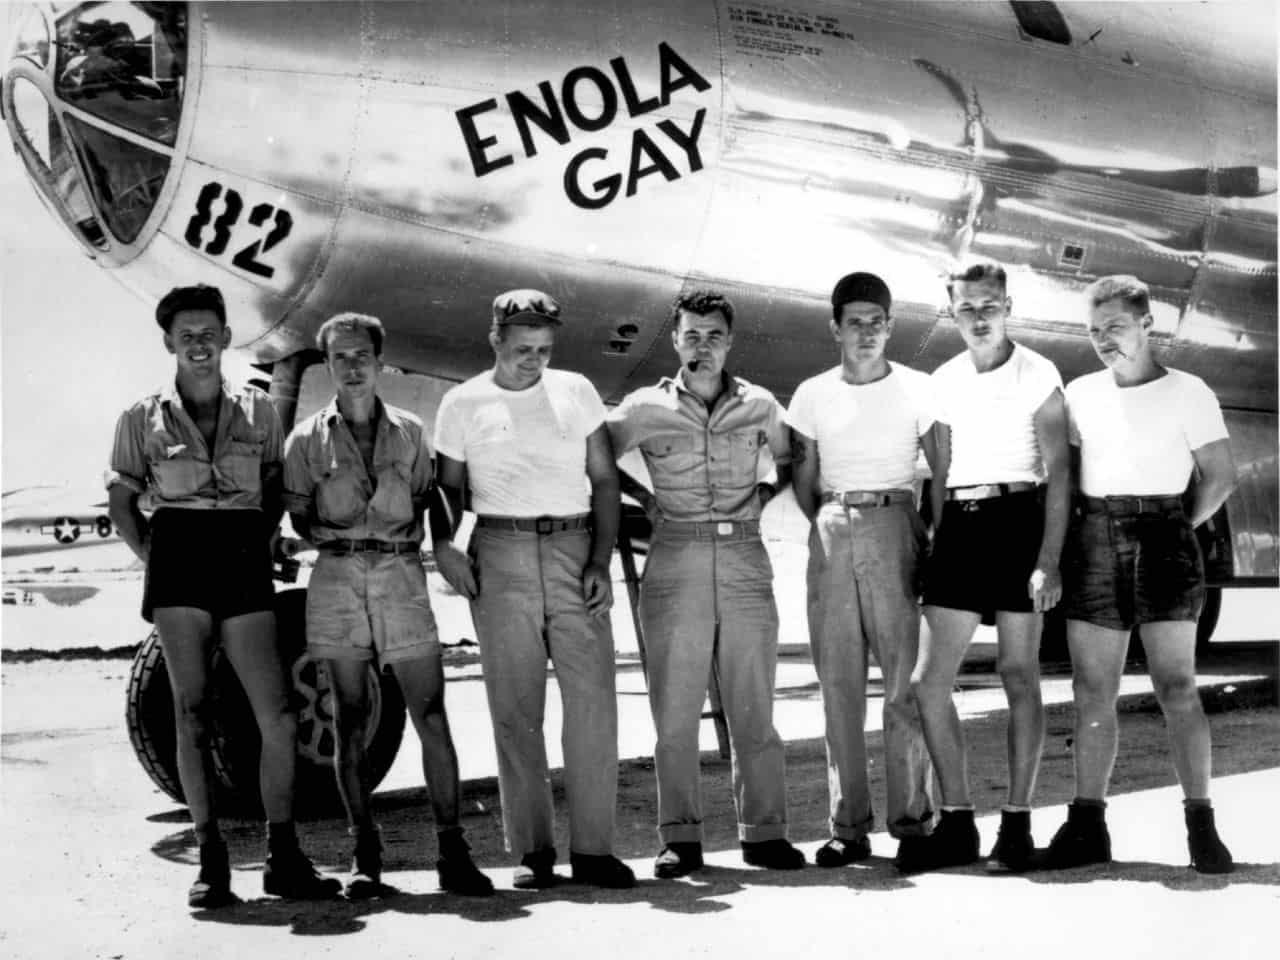 פצצת אטום, הירושימה, Little Boy, Enola Gay